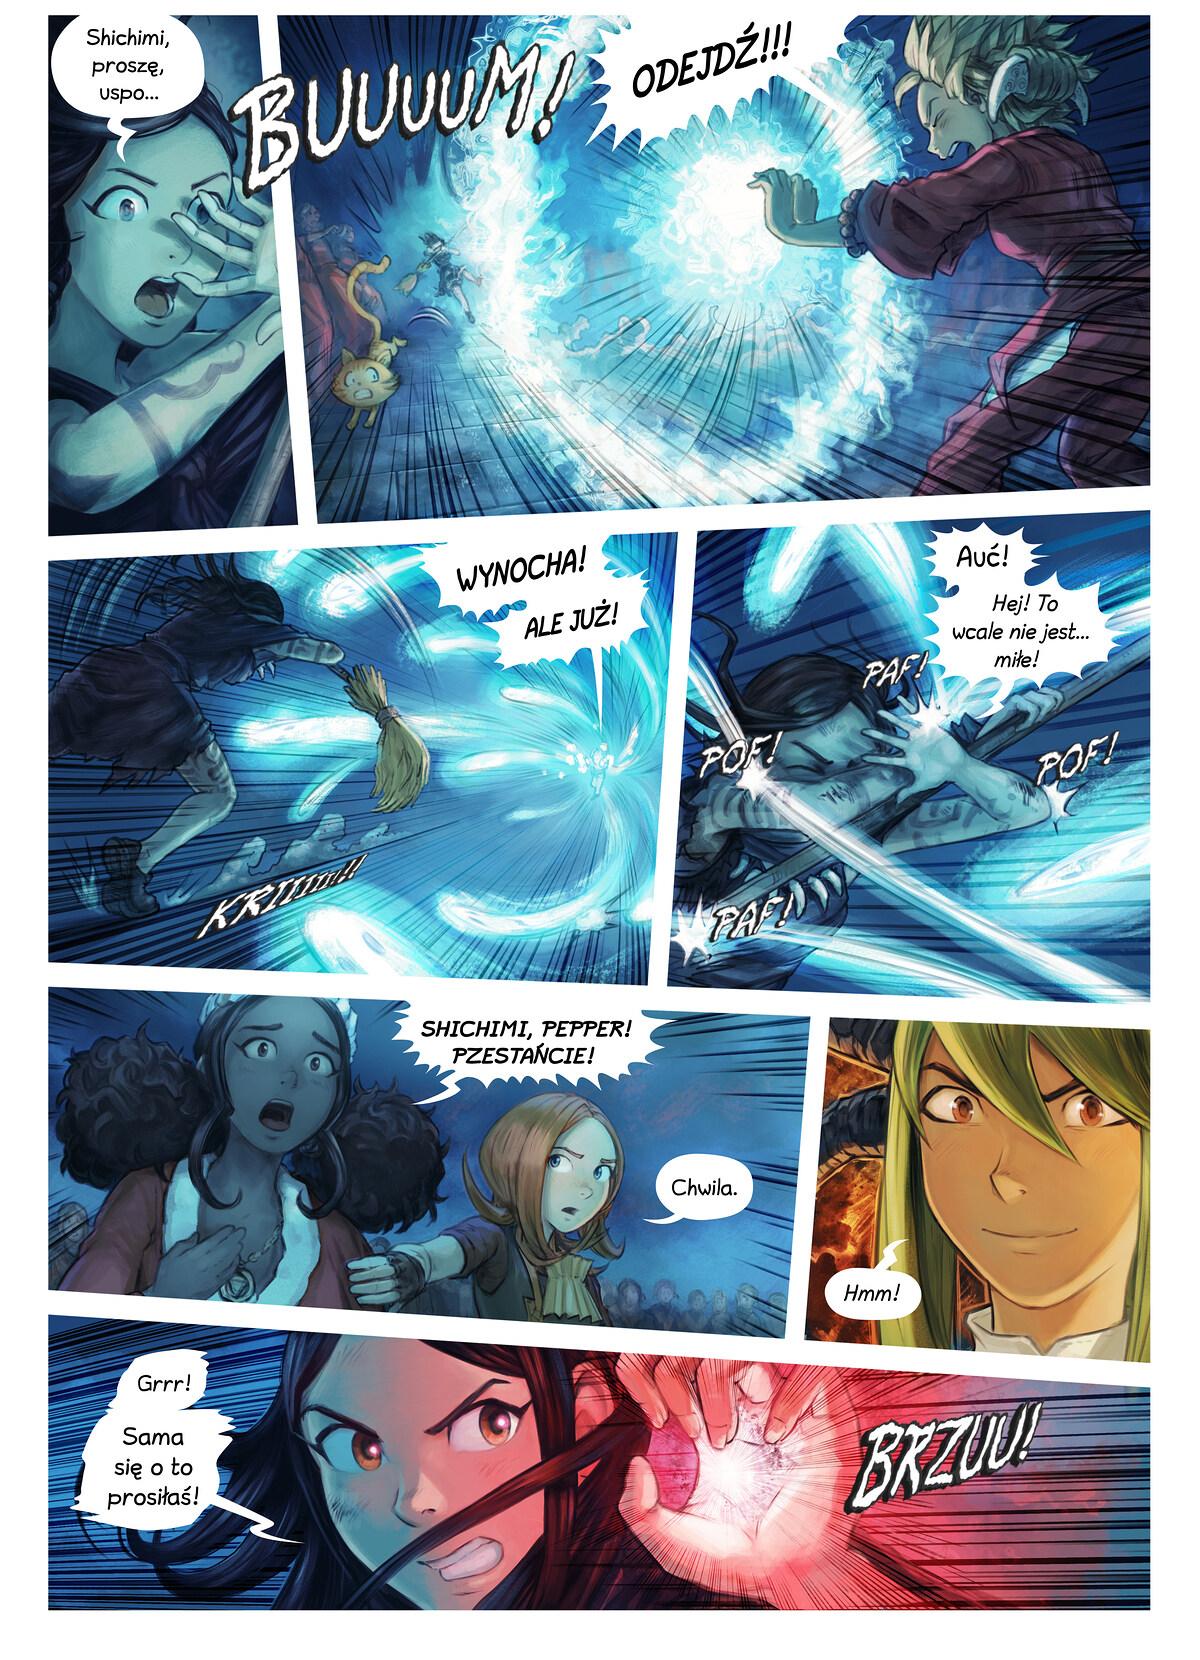 Odcinek 34: Pasowanie Shichimi, Page 6